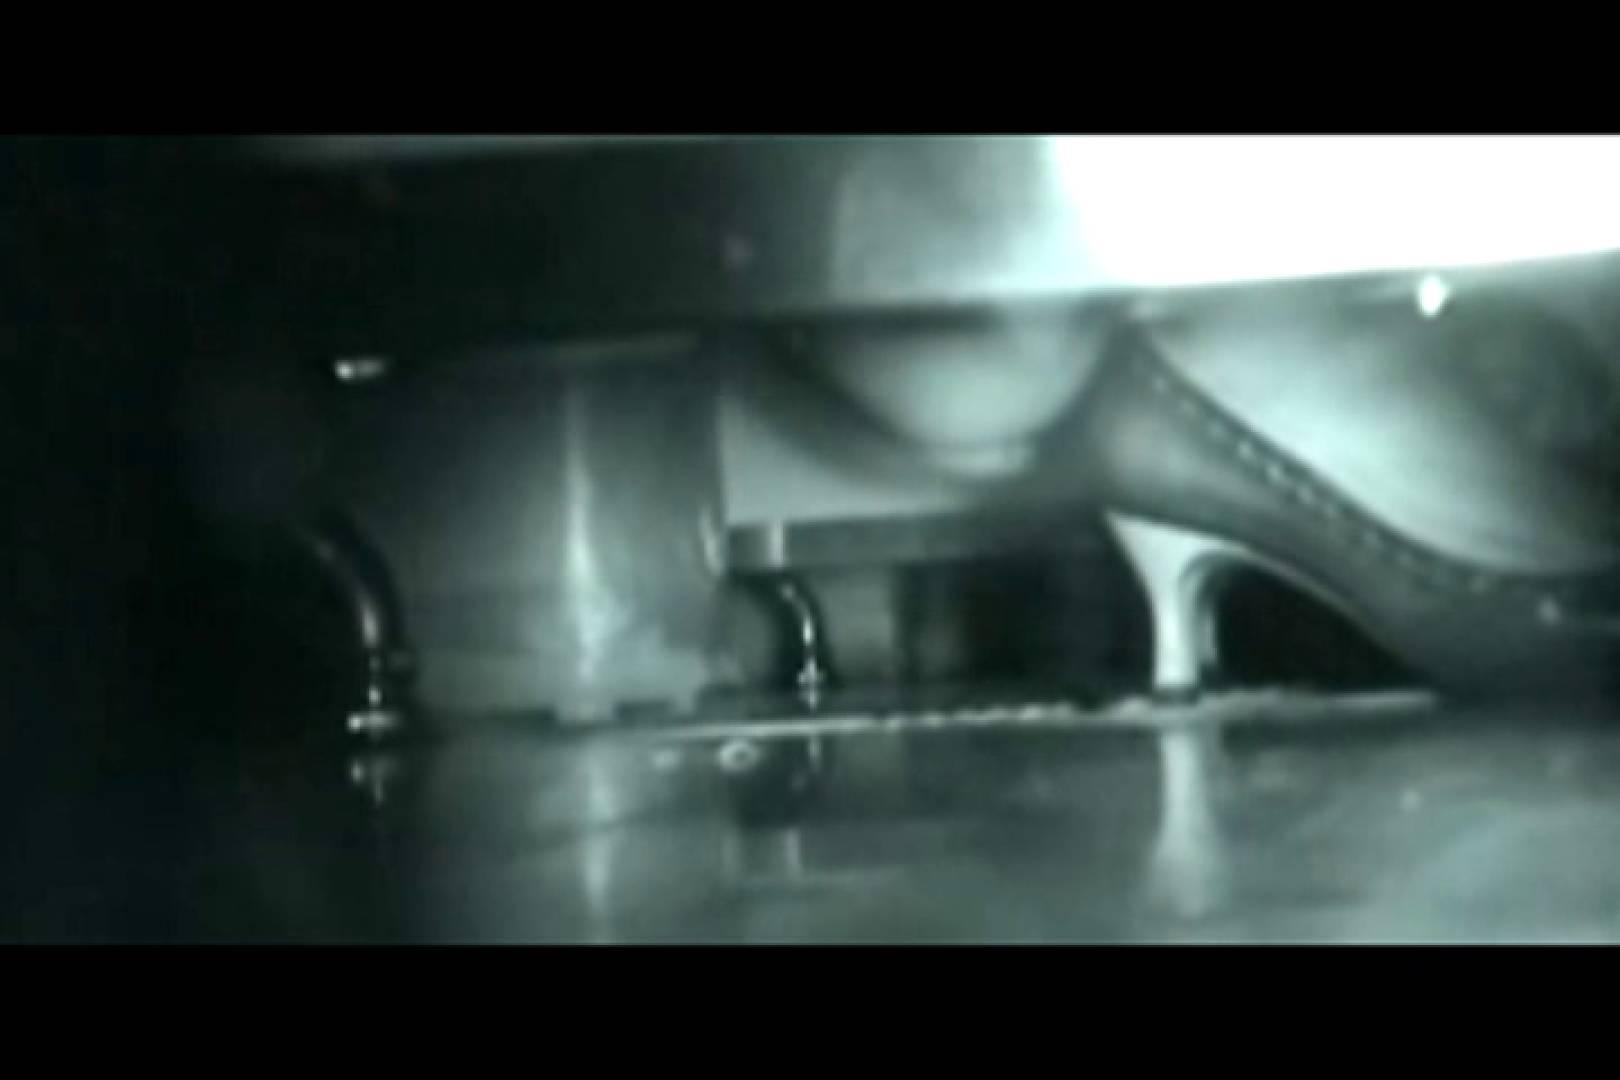 ぼっとん洗面所スペシャルVol.17 OLエロ画像  74PICs 12